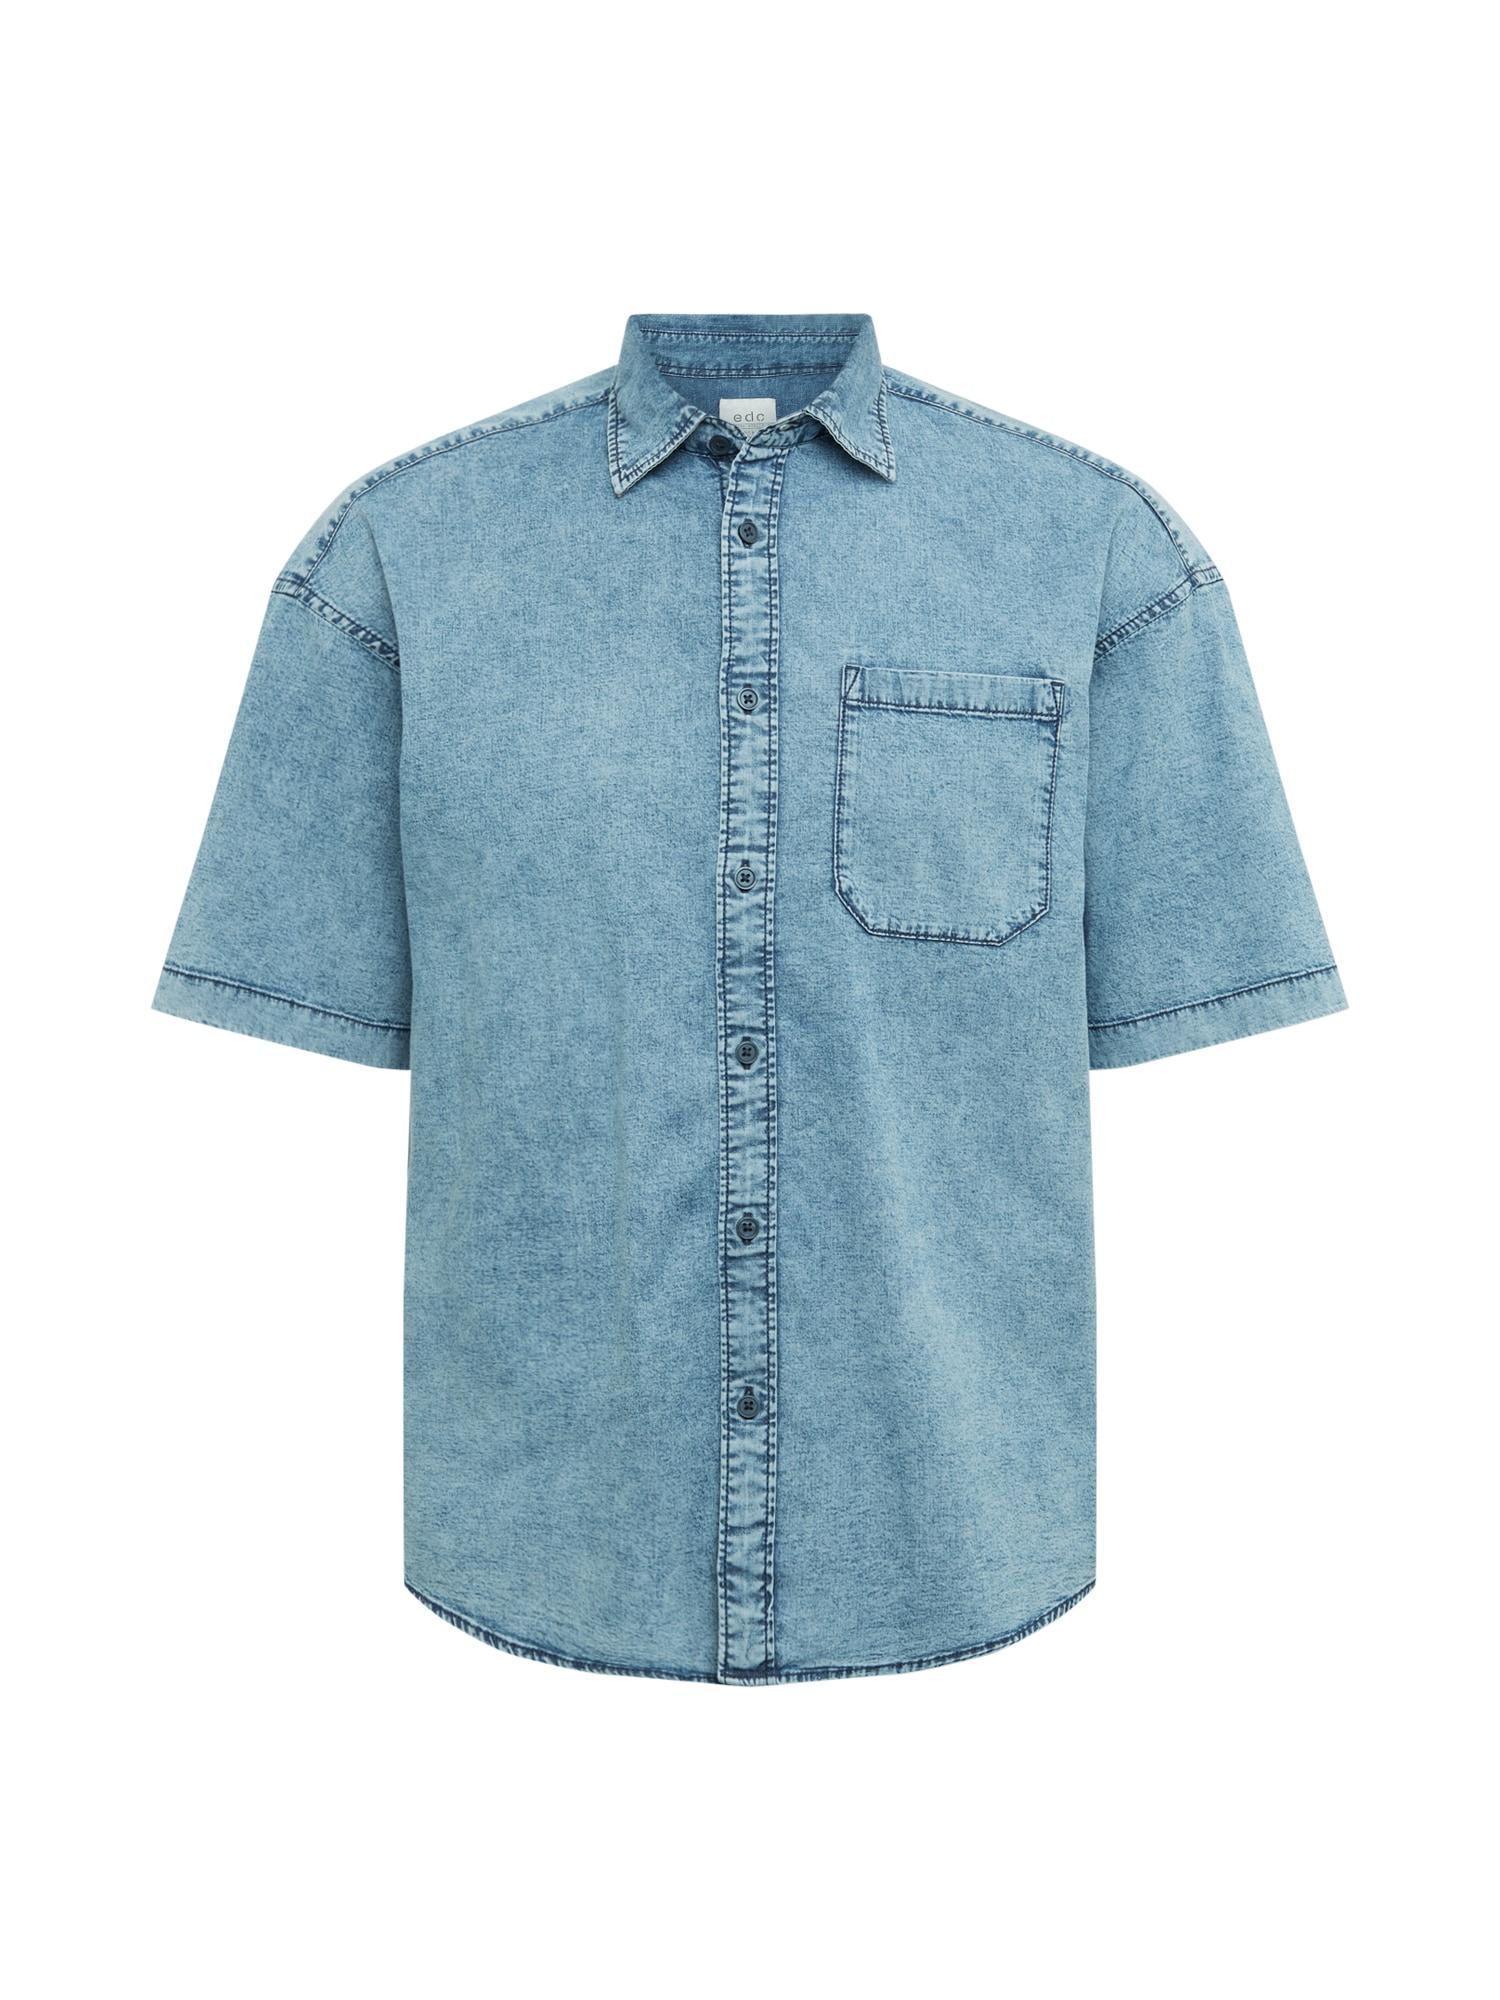 EDC BY ESPRIT Marškiniai tamsiai (džinso) mėlyna